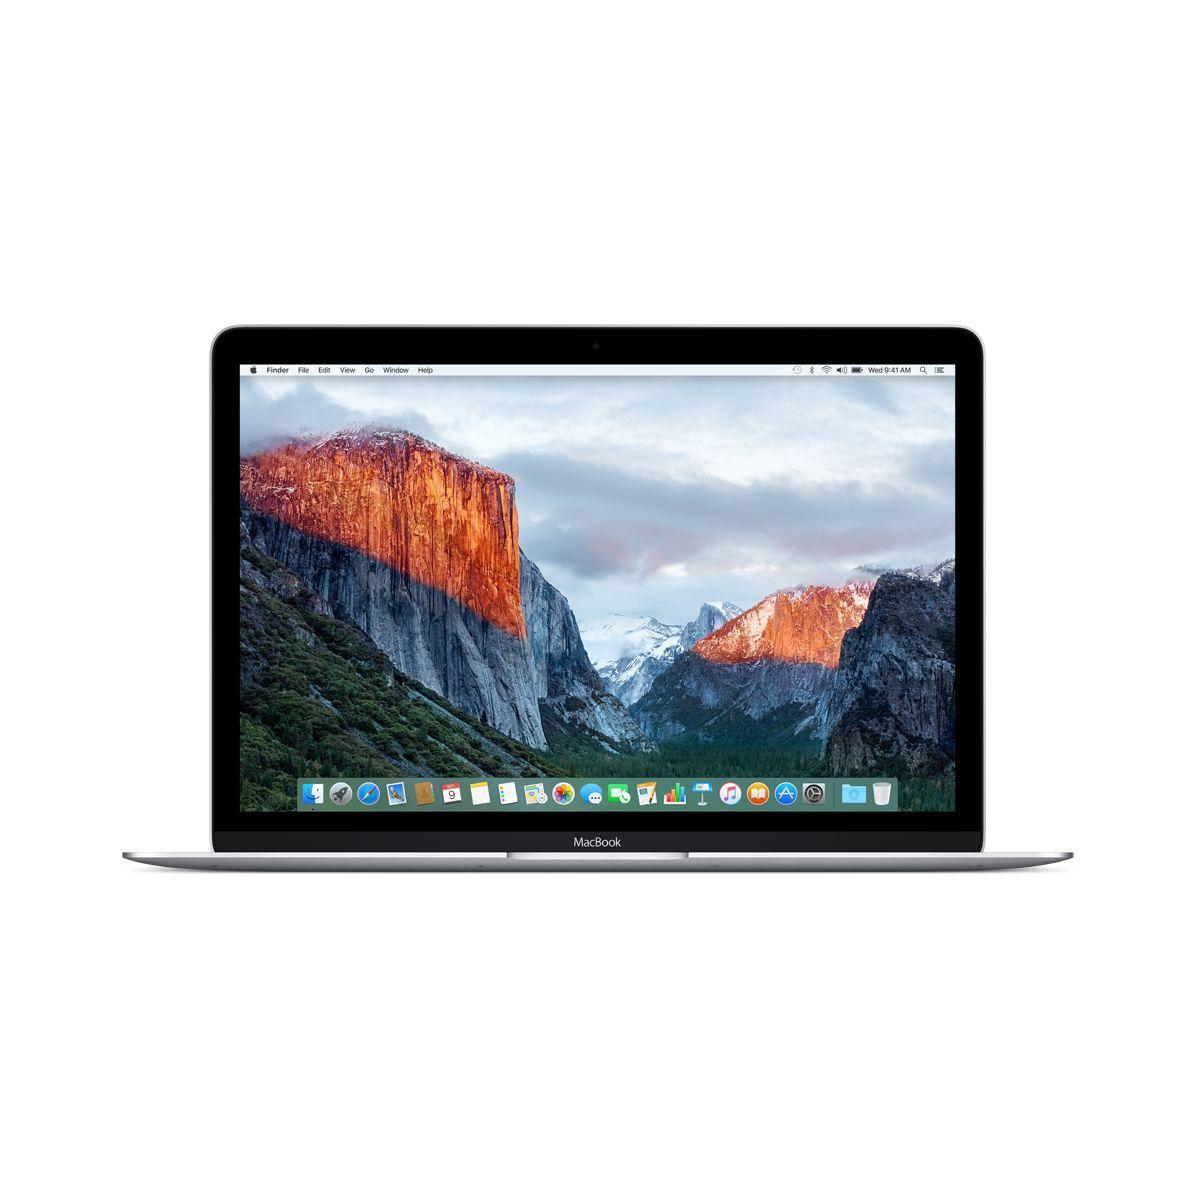 Apple macbook new 12 512go argent 1.2ghz 8go - soldes et bons plans